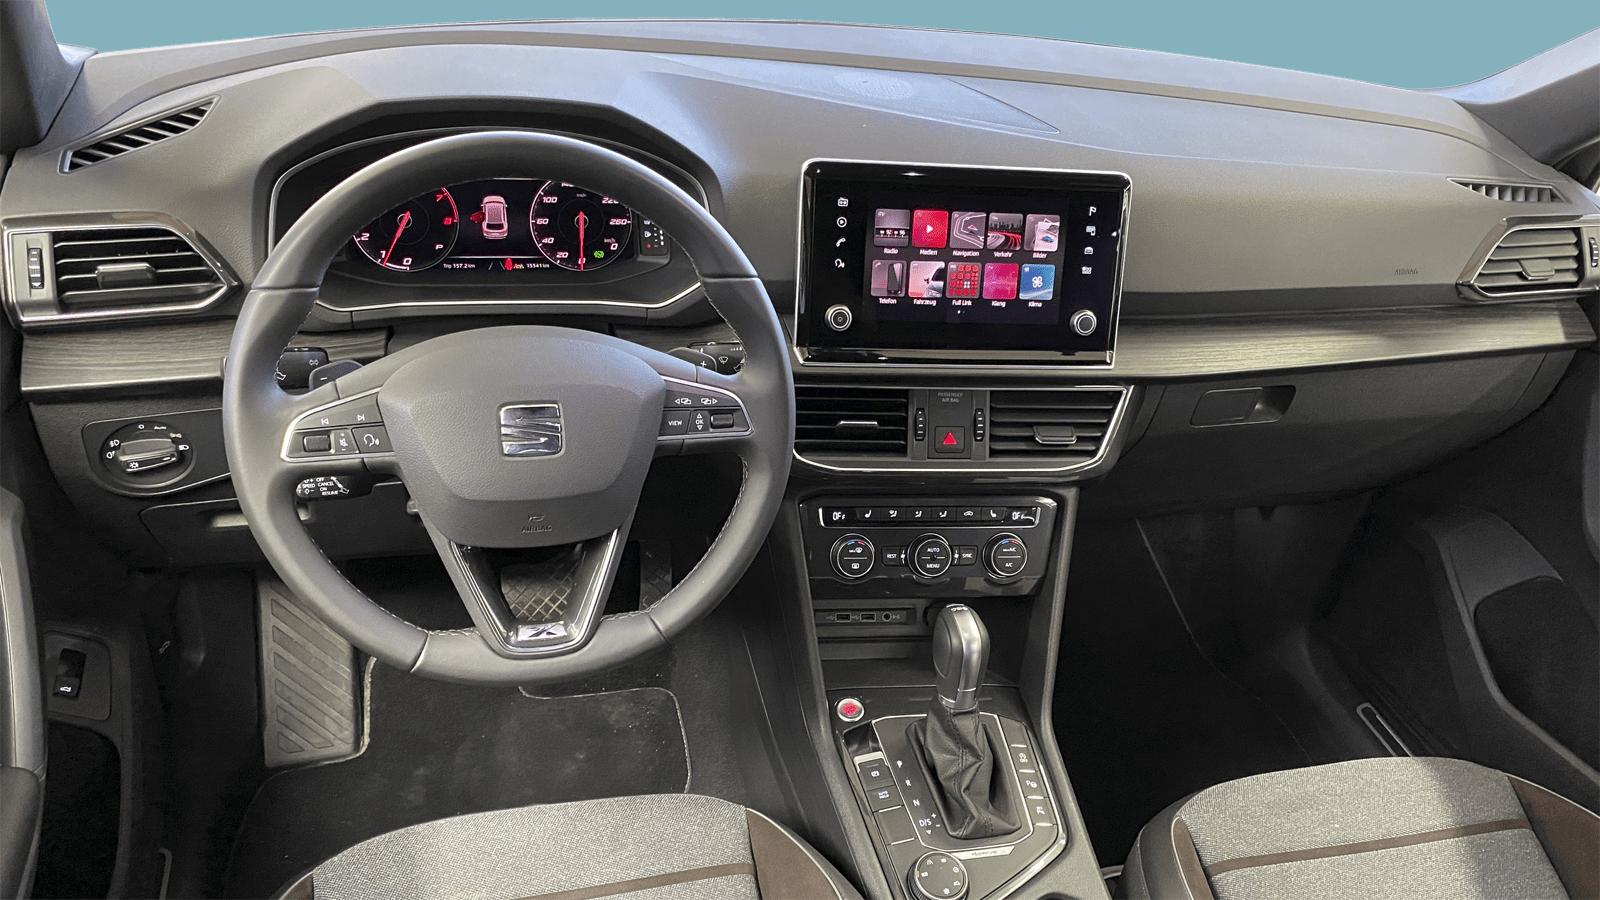 SEAT Tarraco Grau interior - Clyde Auto-Abo